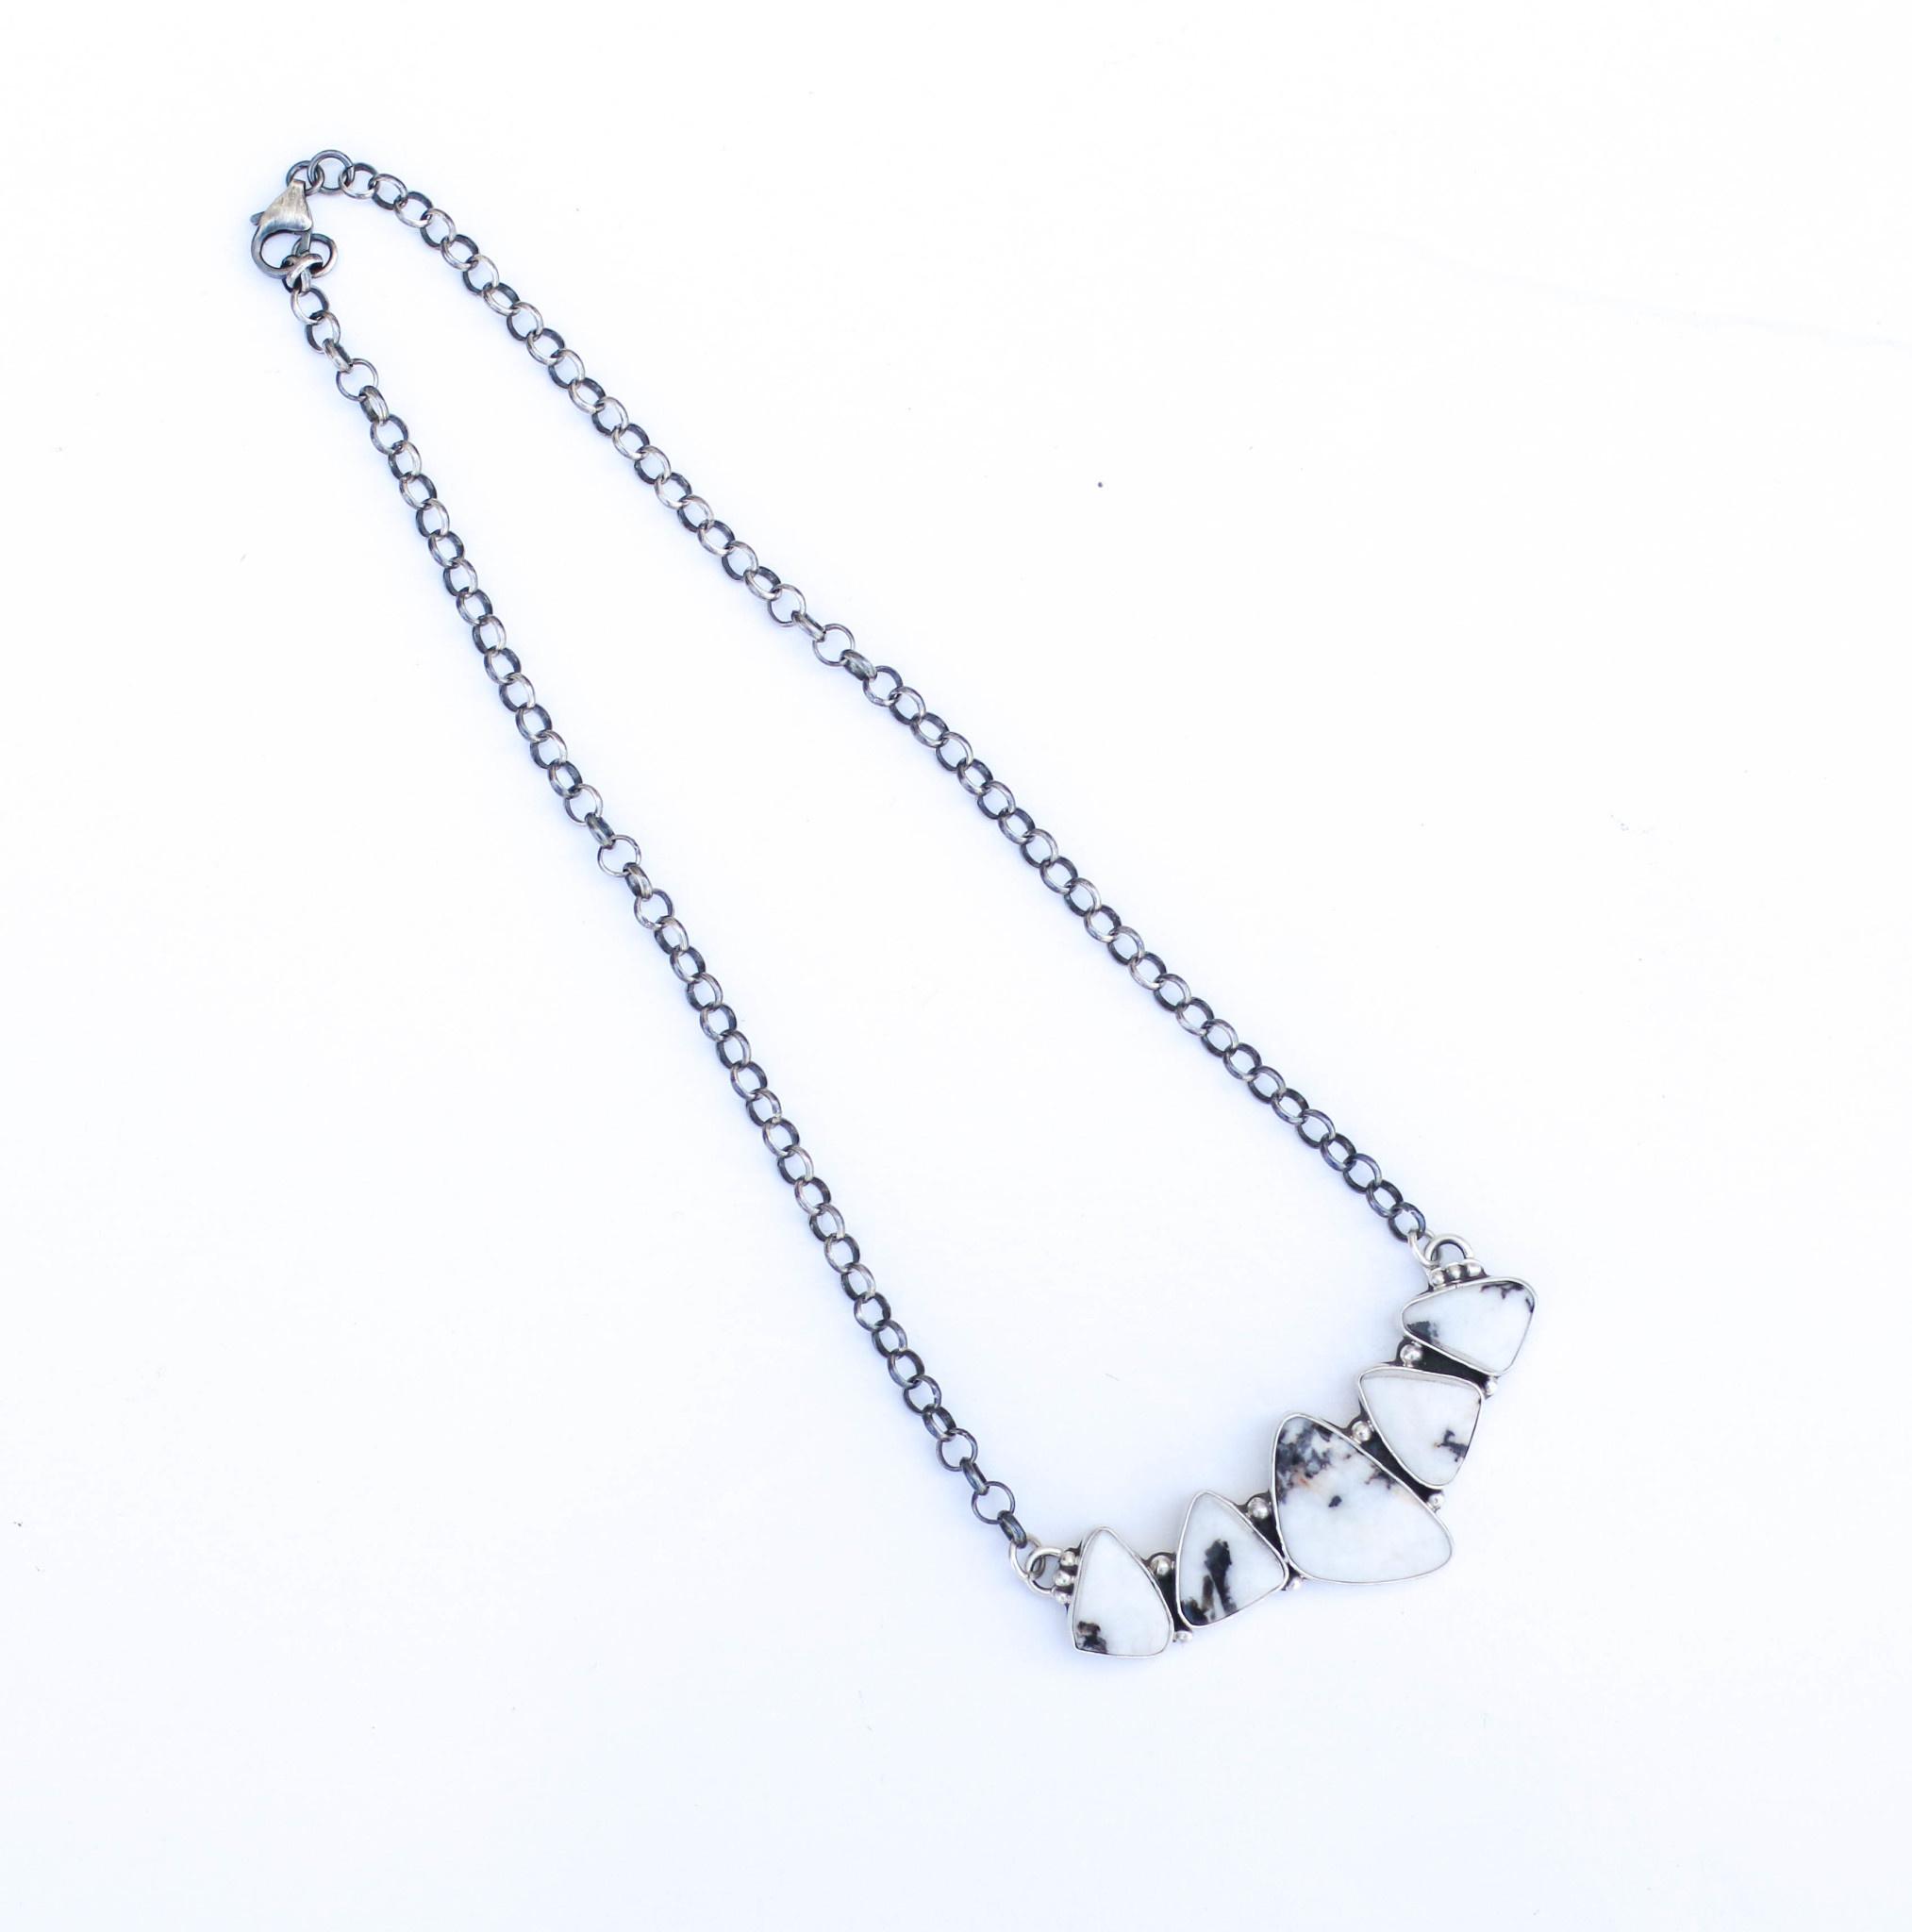 Punchy's 5 Stone White Buffalo Bar Necklace